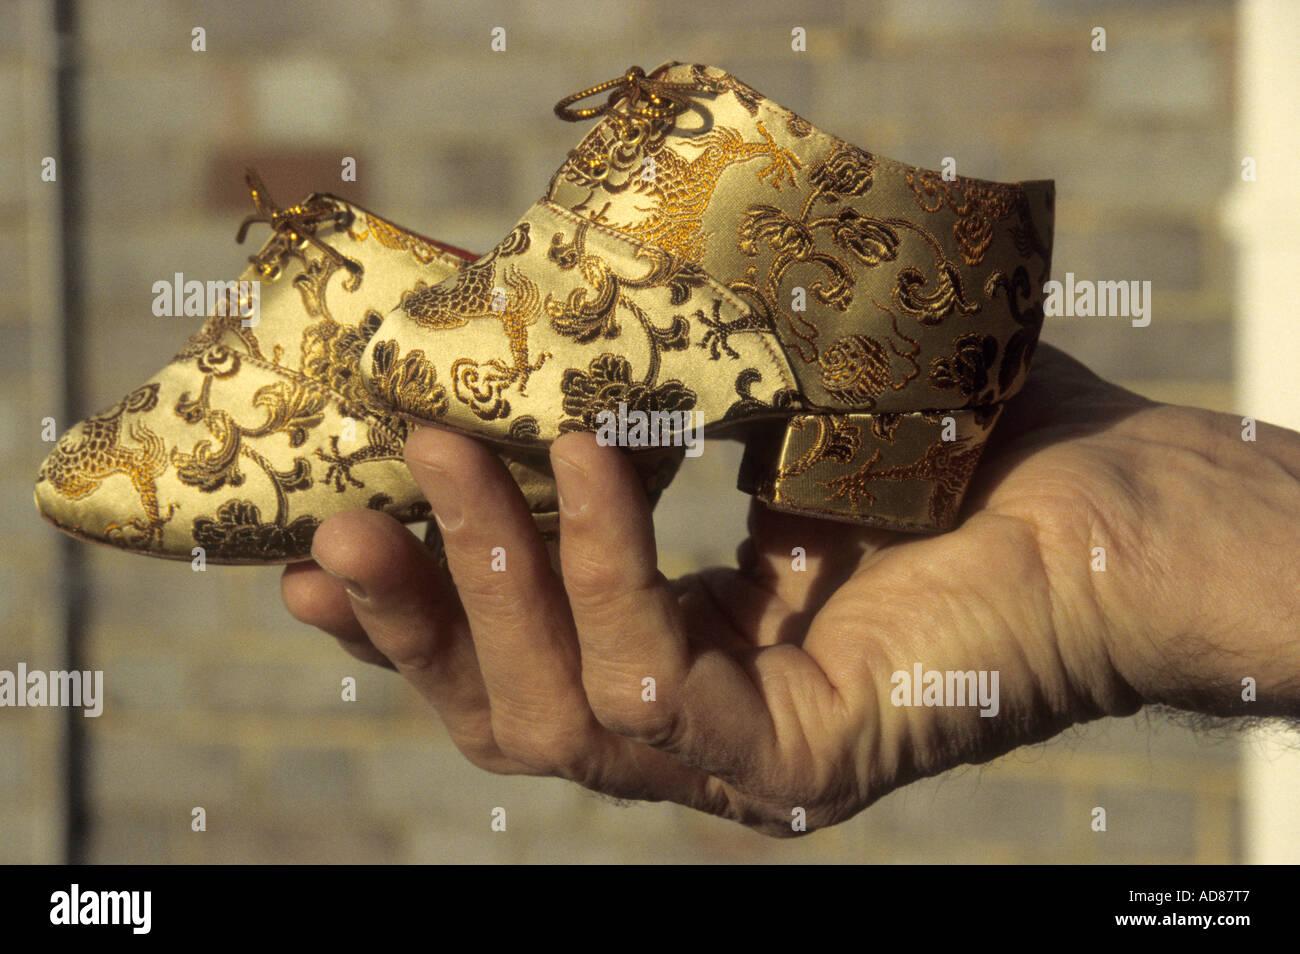 Chinese Custom Of Binding Feet Stock Photos Chinese Custom Of